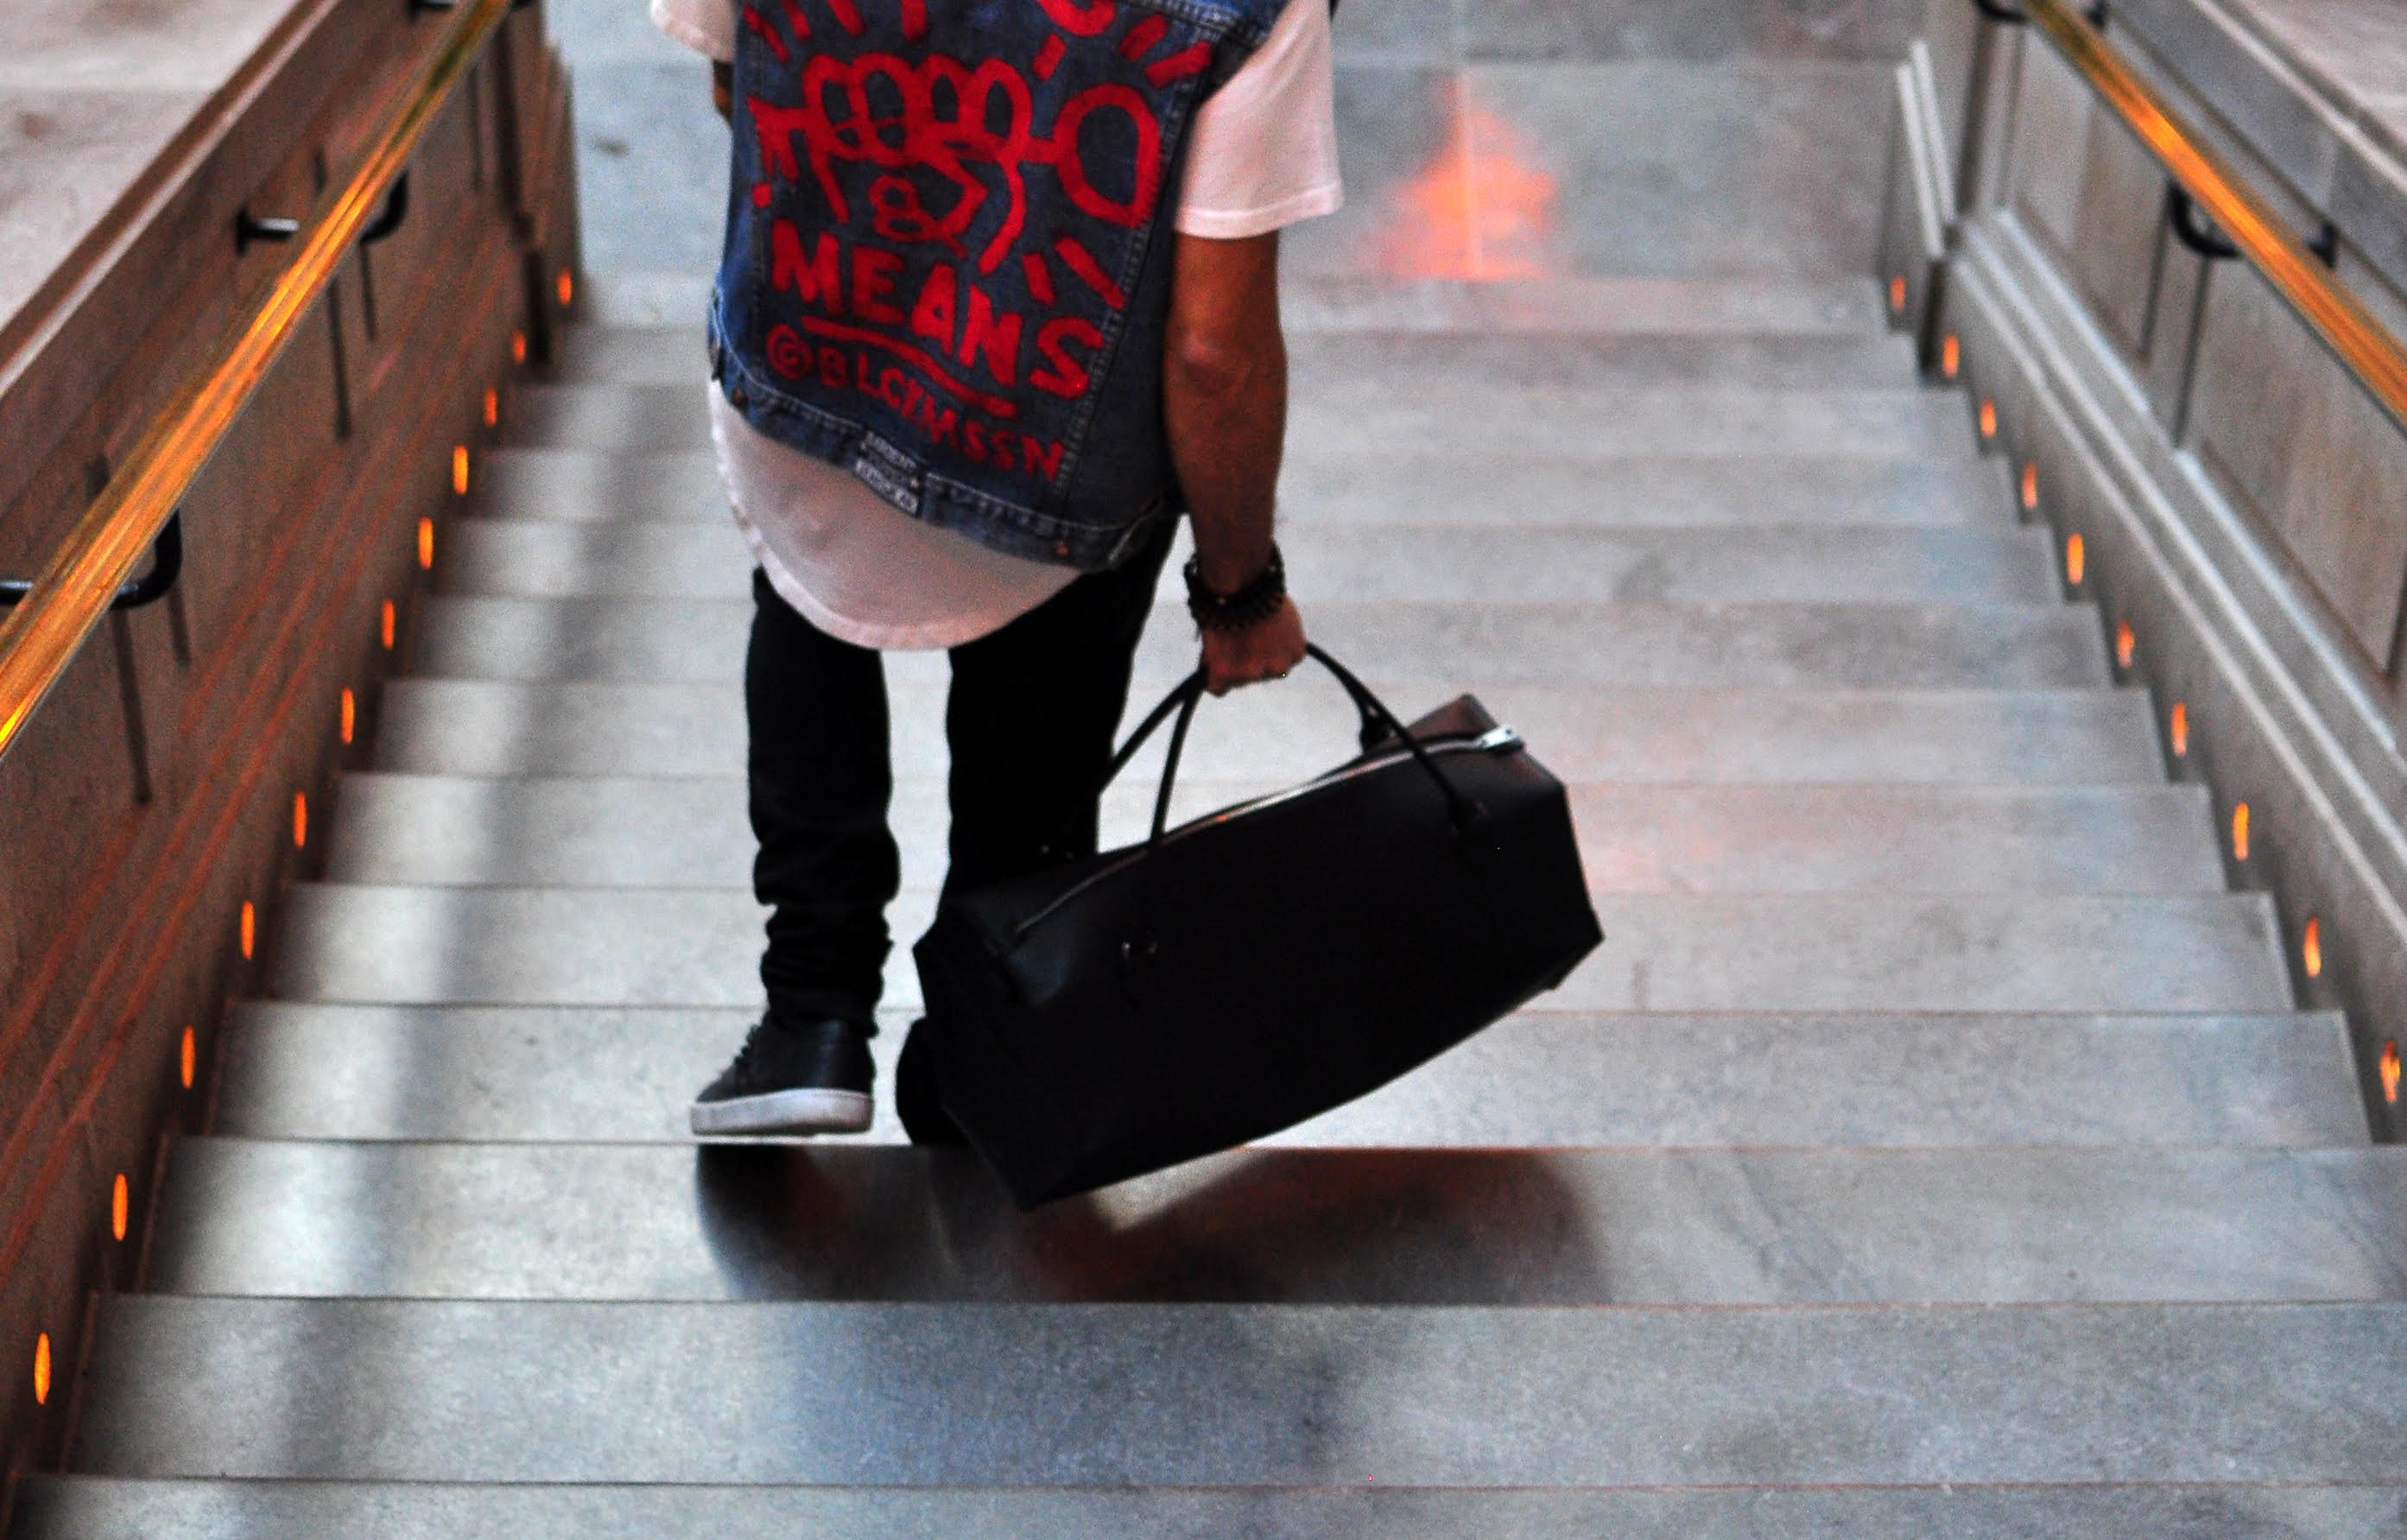 ChezLaJoie, artisans, Montréal, sacs en cuir, créateurs d'ici, handmade, Montreal blogger, article blog Le Cahier, Maude Sénécal, Chez La Joie, sacs faits à la main, sacs et accessoires unisexes et en cuir